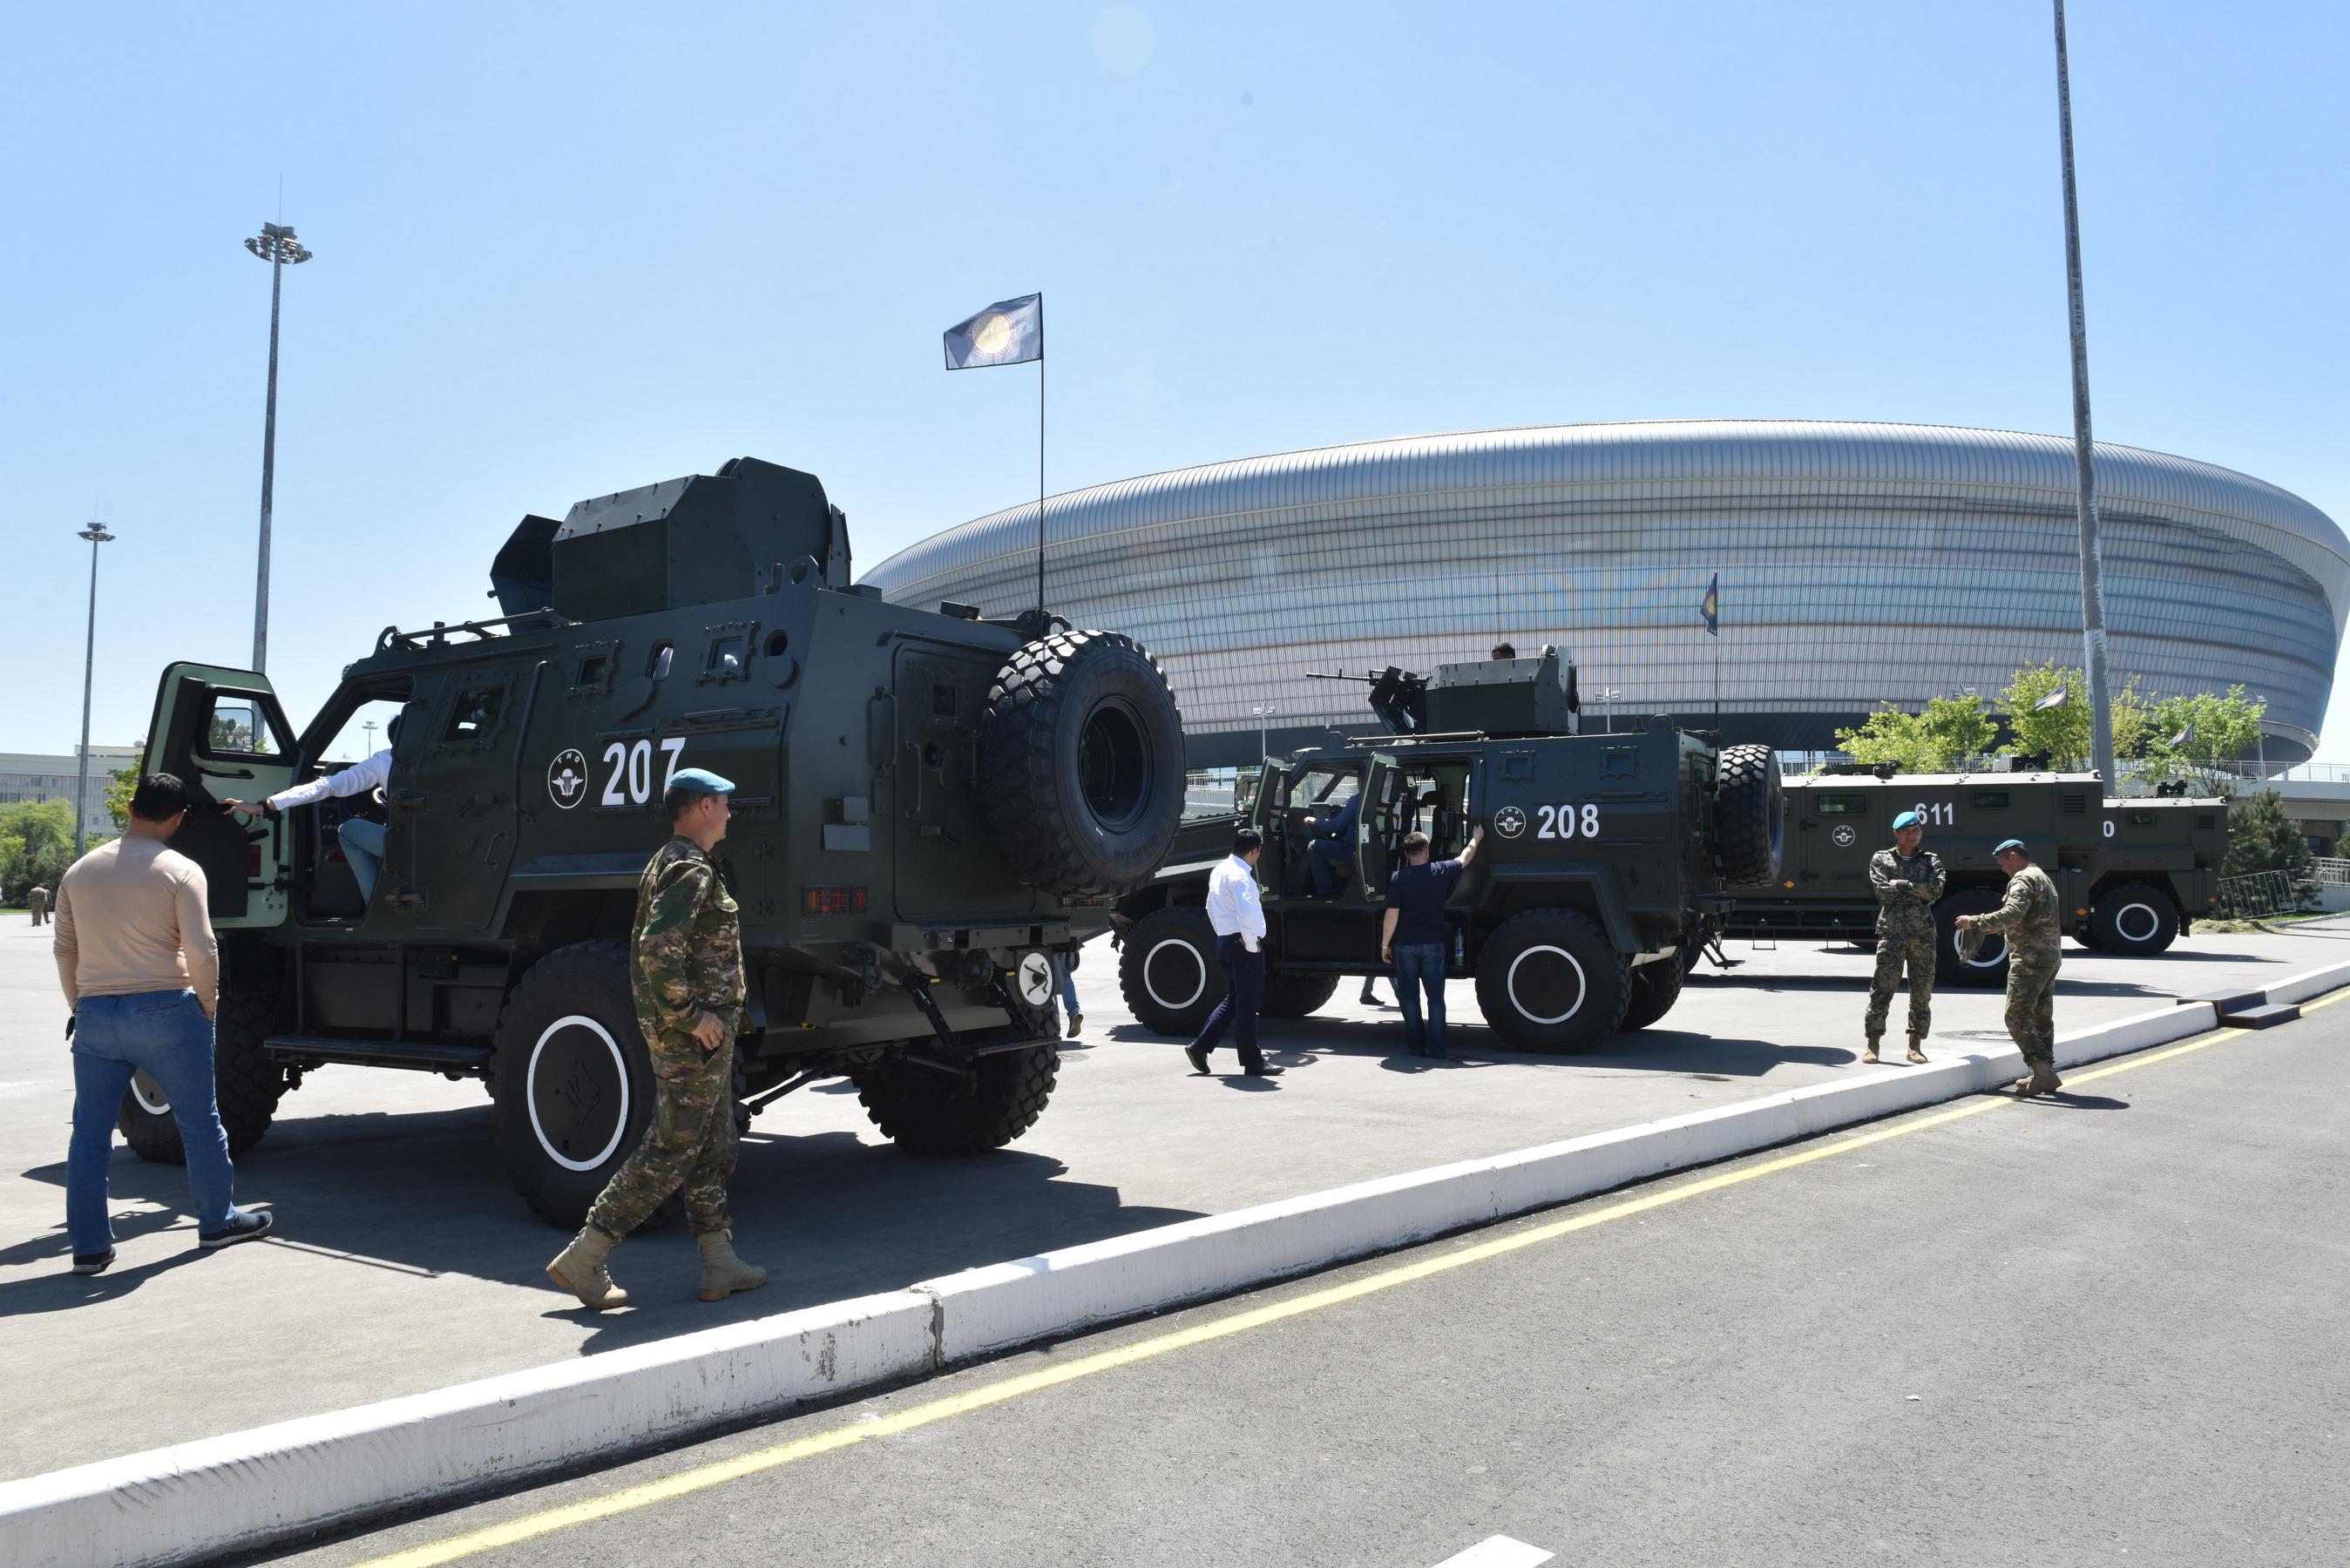 Полевая кухня, оркестр и военная техника: у ледового комплекса Humo Arena начались народные гулянья